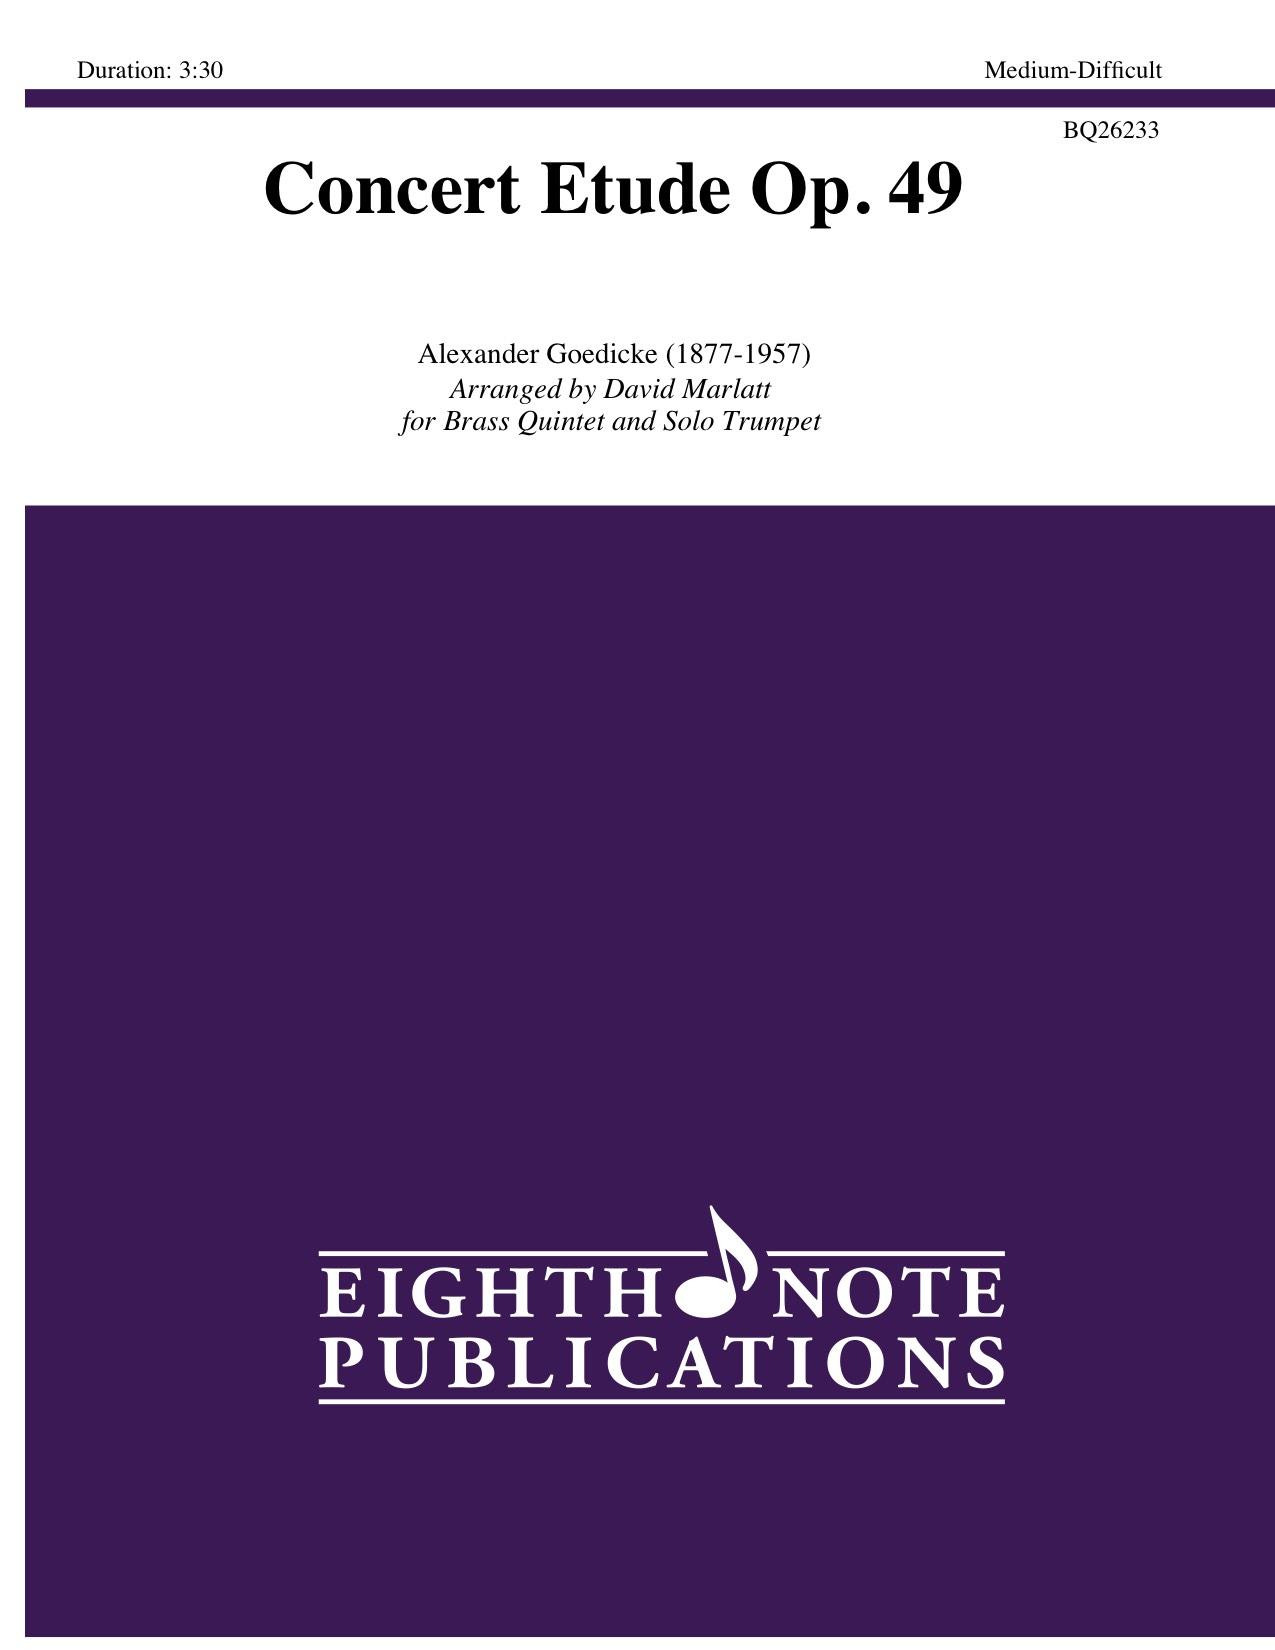 Concert Etude Op. 49 - Alexander Goedicke